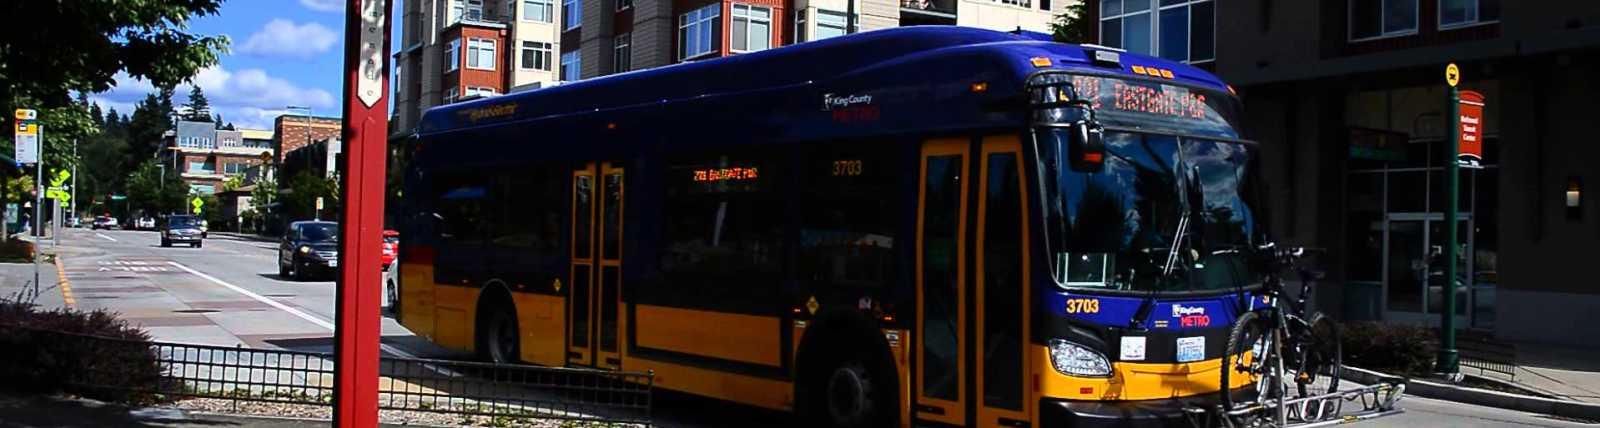 King County Metro Transit